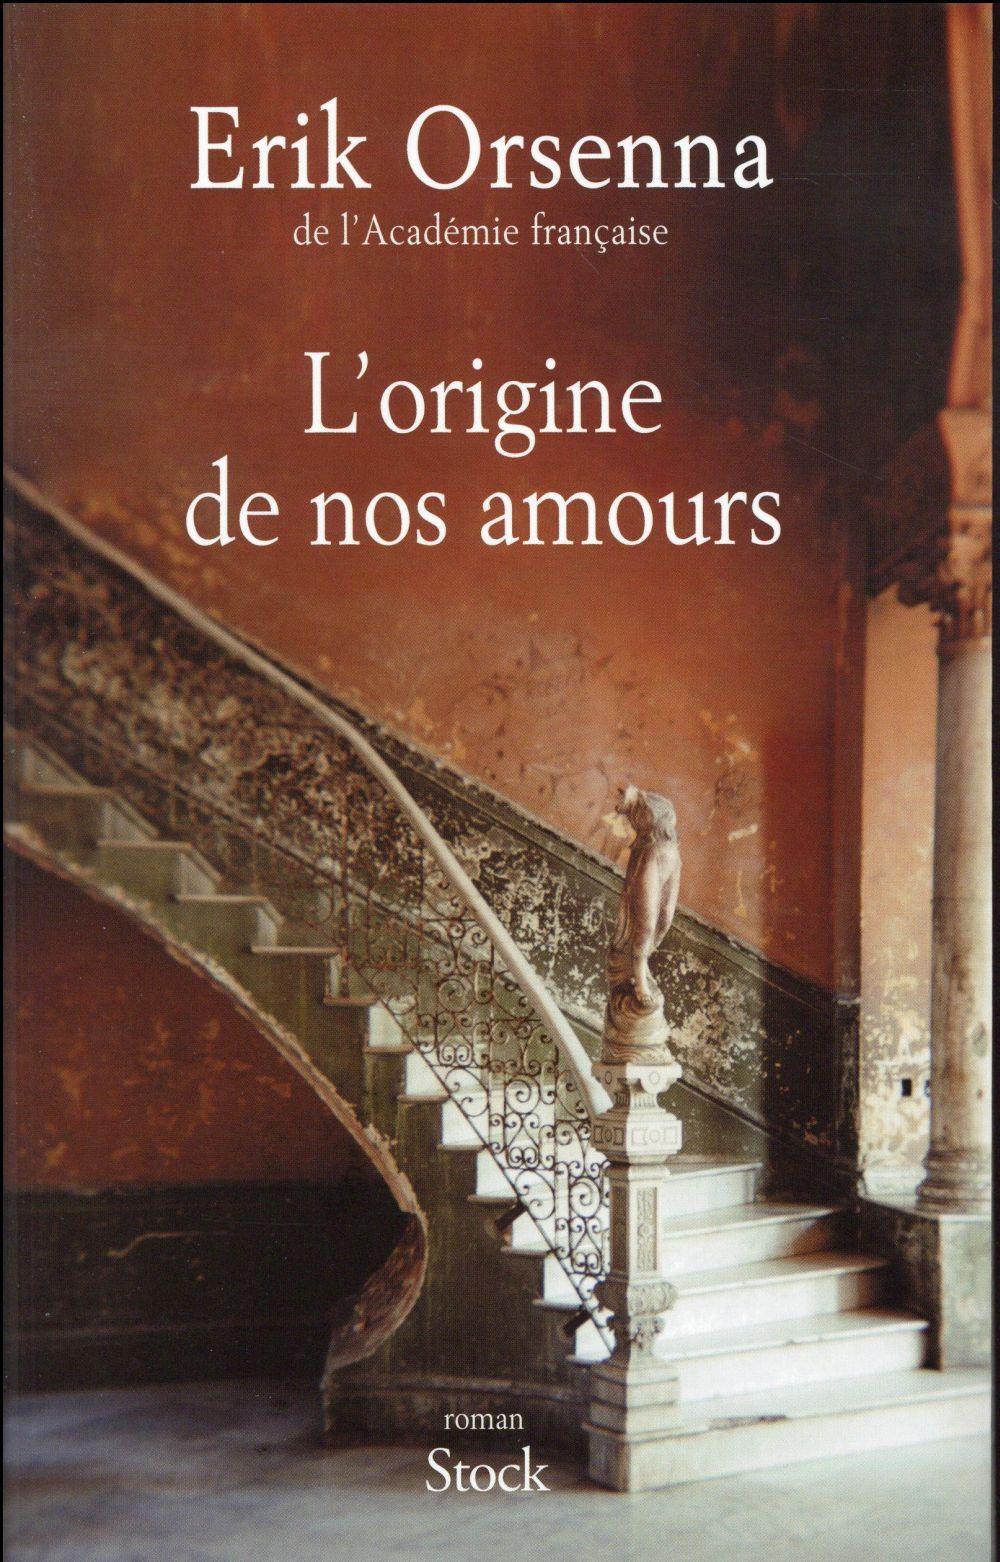 """""""L'Origine de nos amours"""" ou Erik Orsenna à livre ouvert"""